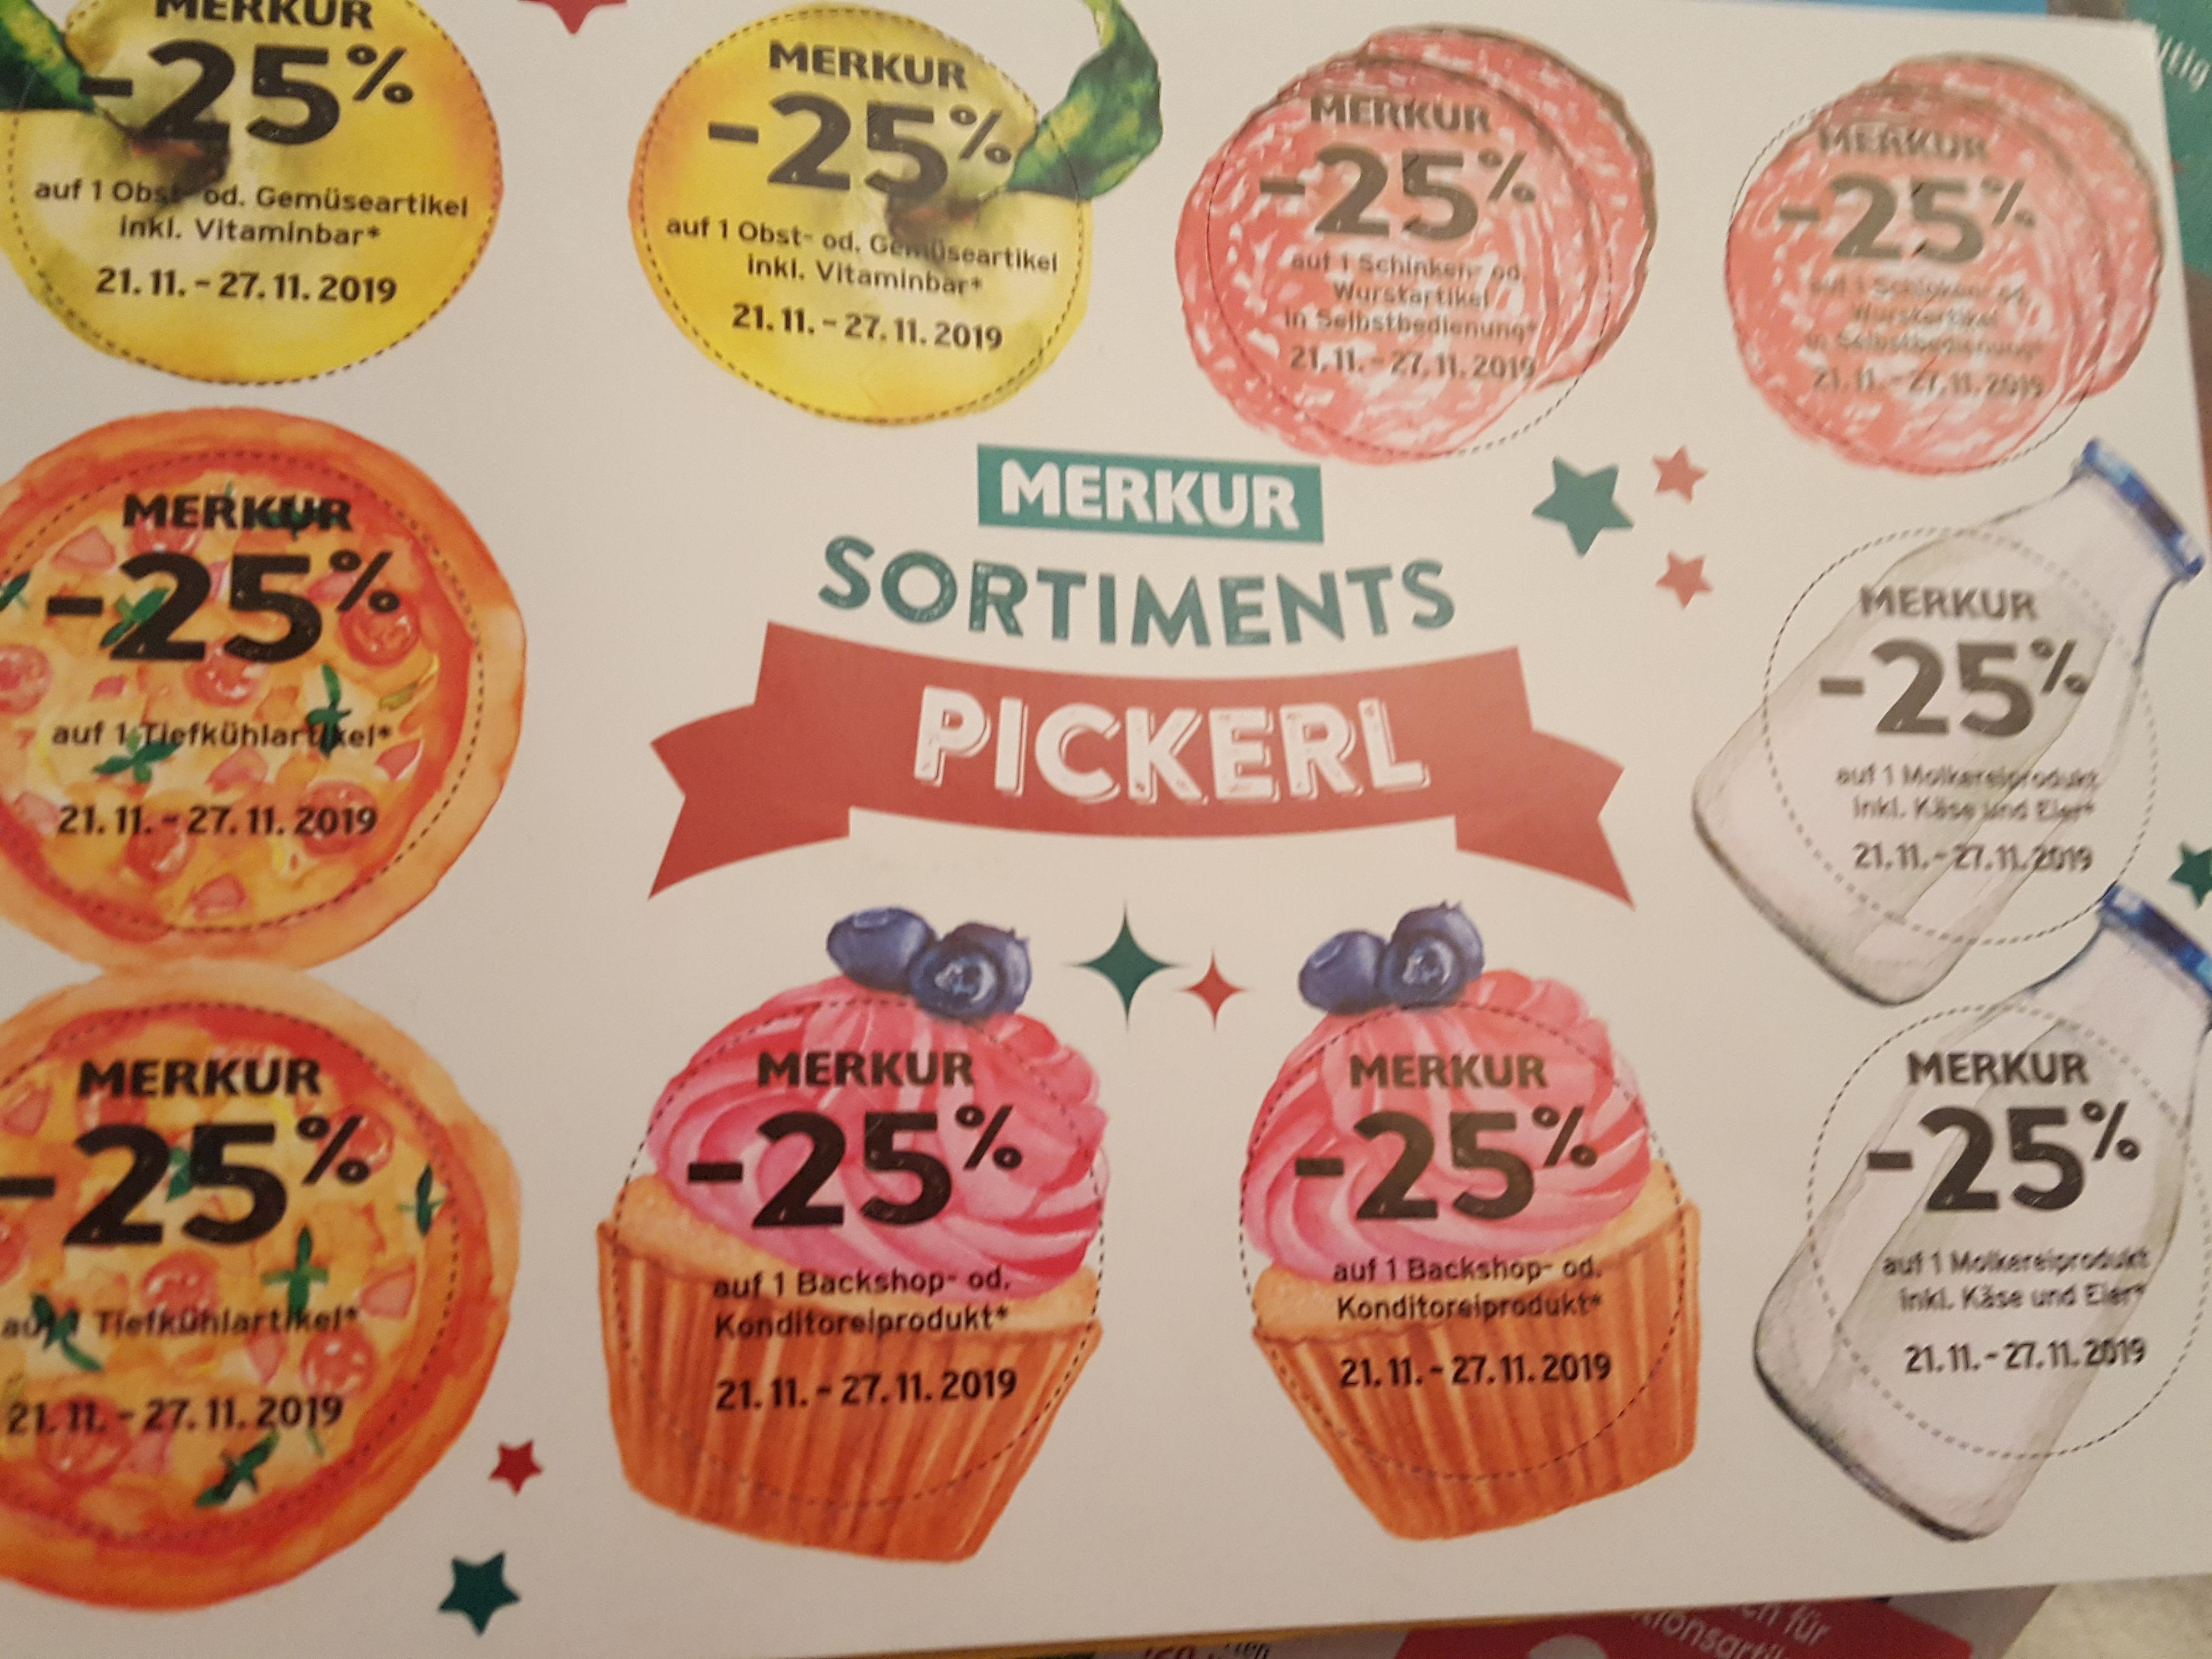 [Merkurmarkt] 10 Rabatt Pickerl -25%